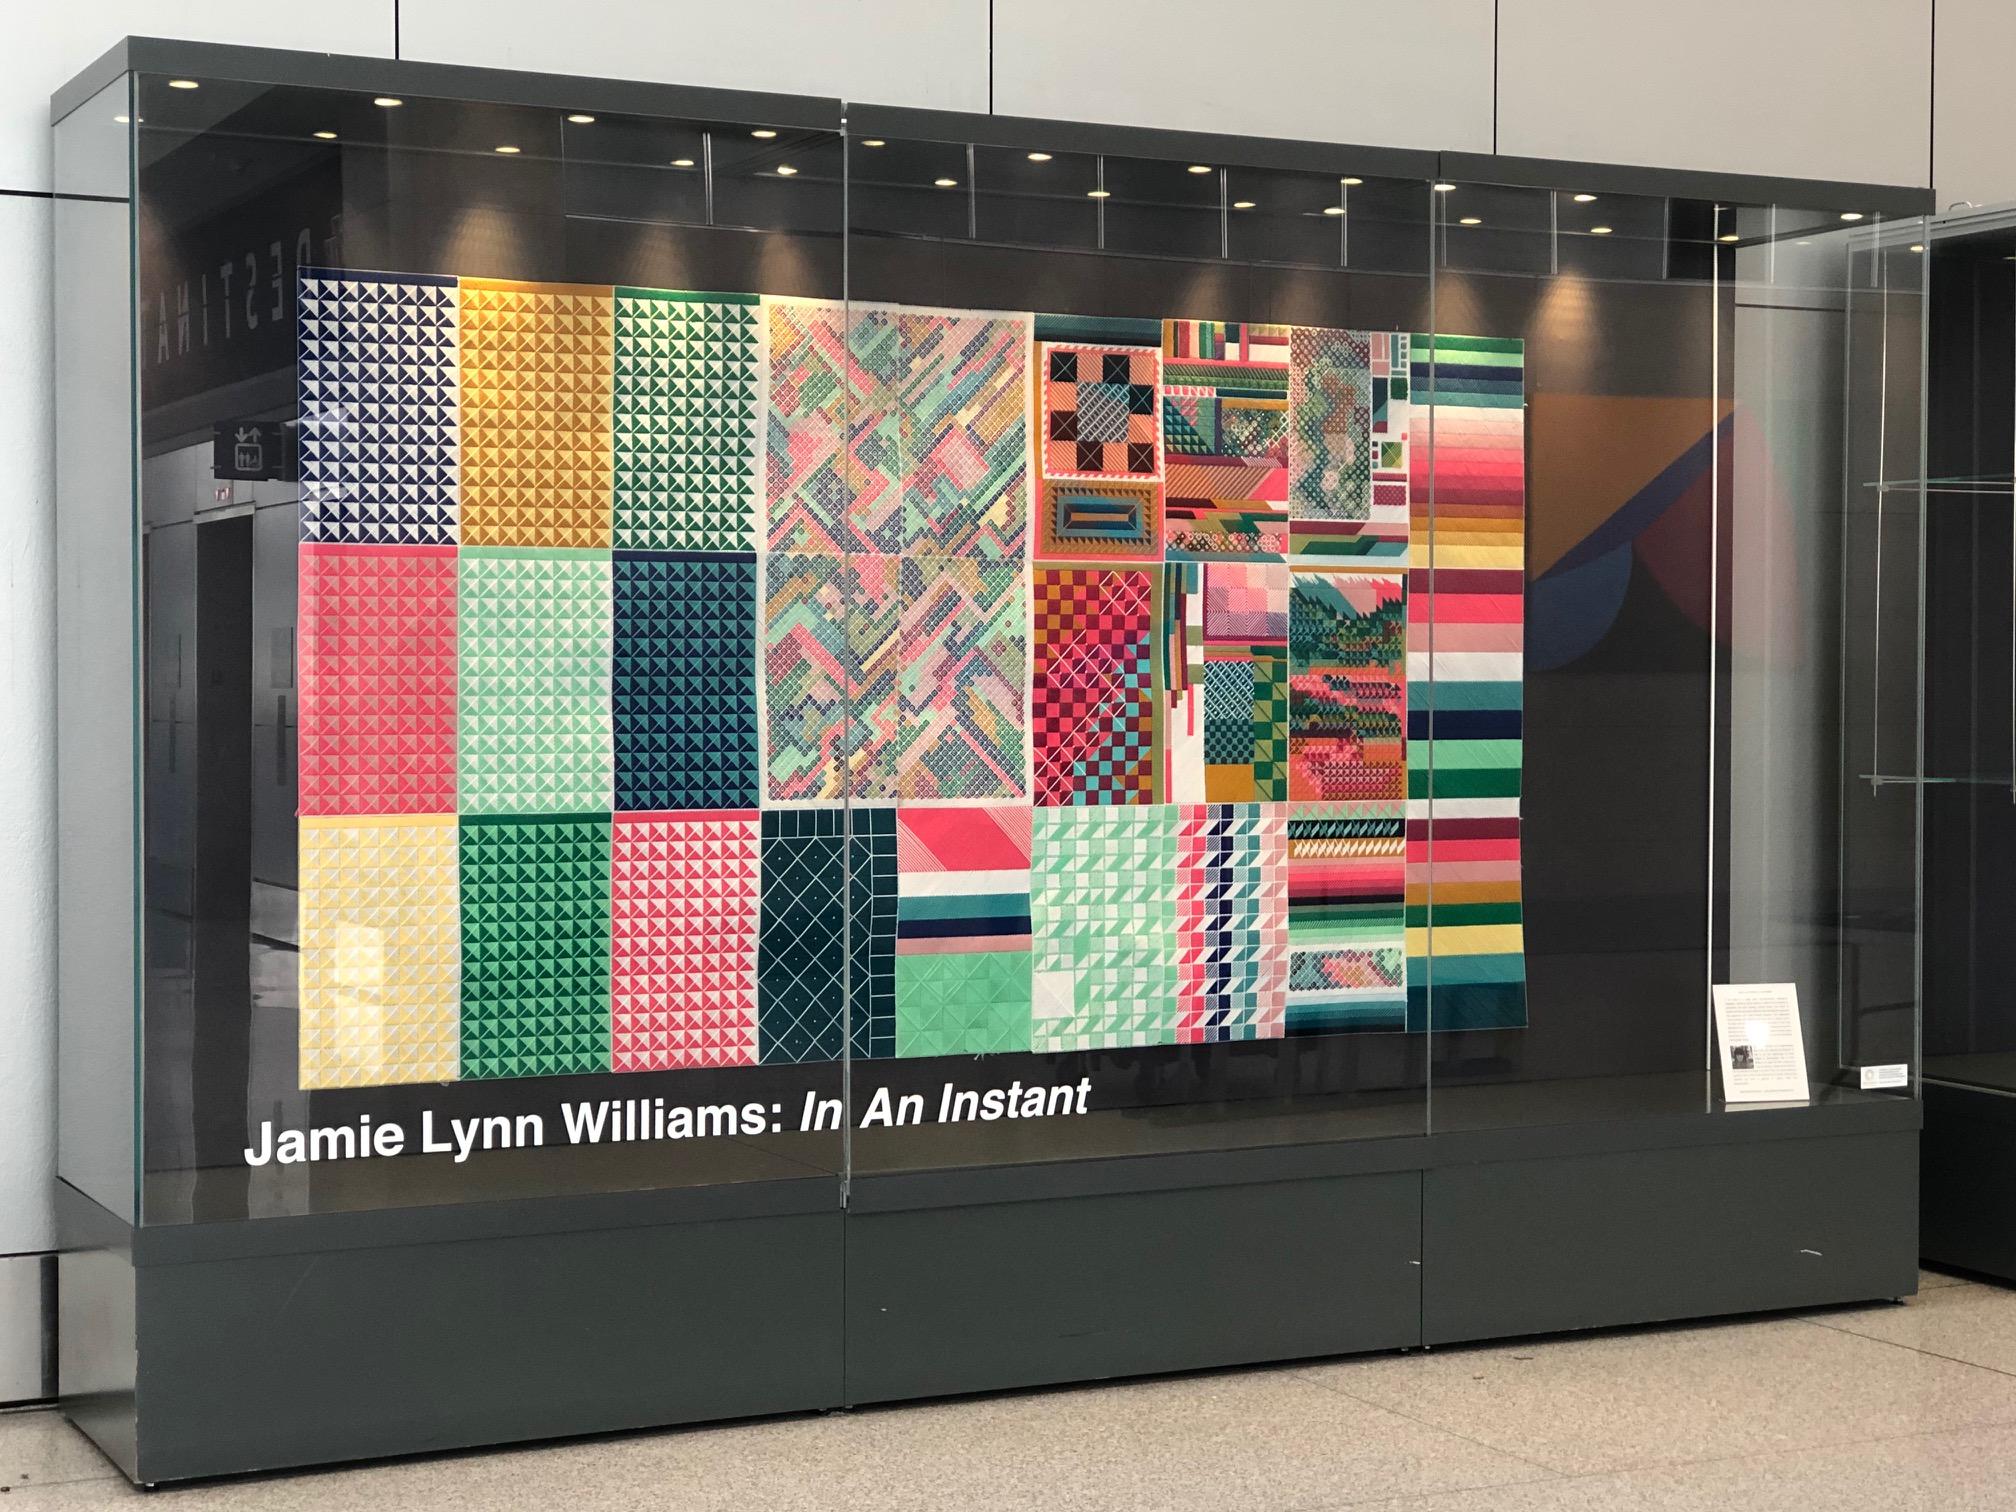 Art At Indianapolis International Airport Arts Council Of Indianapolis